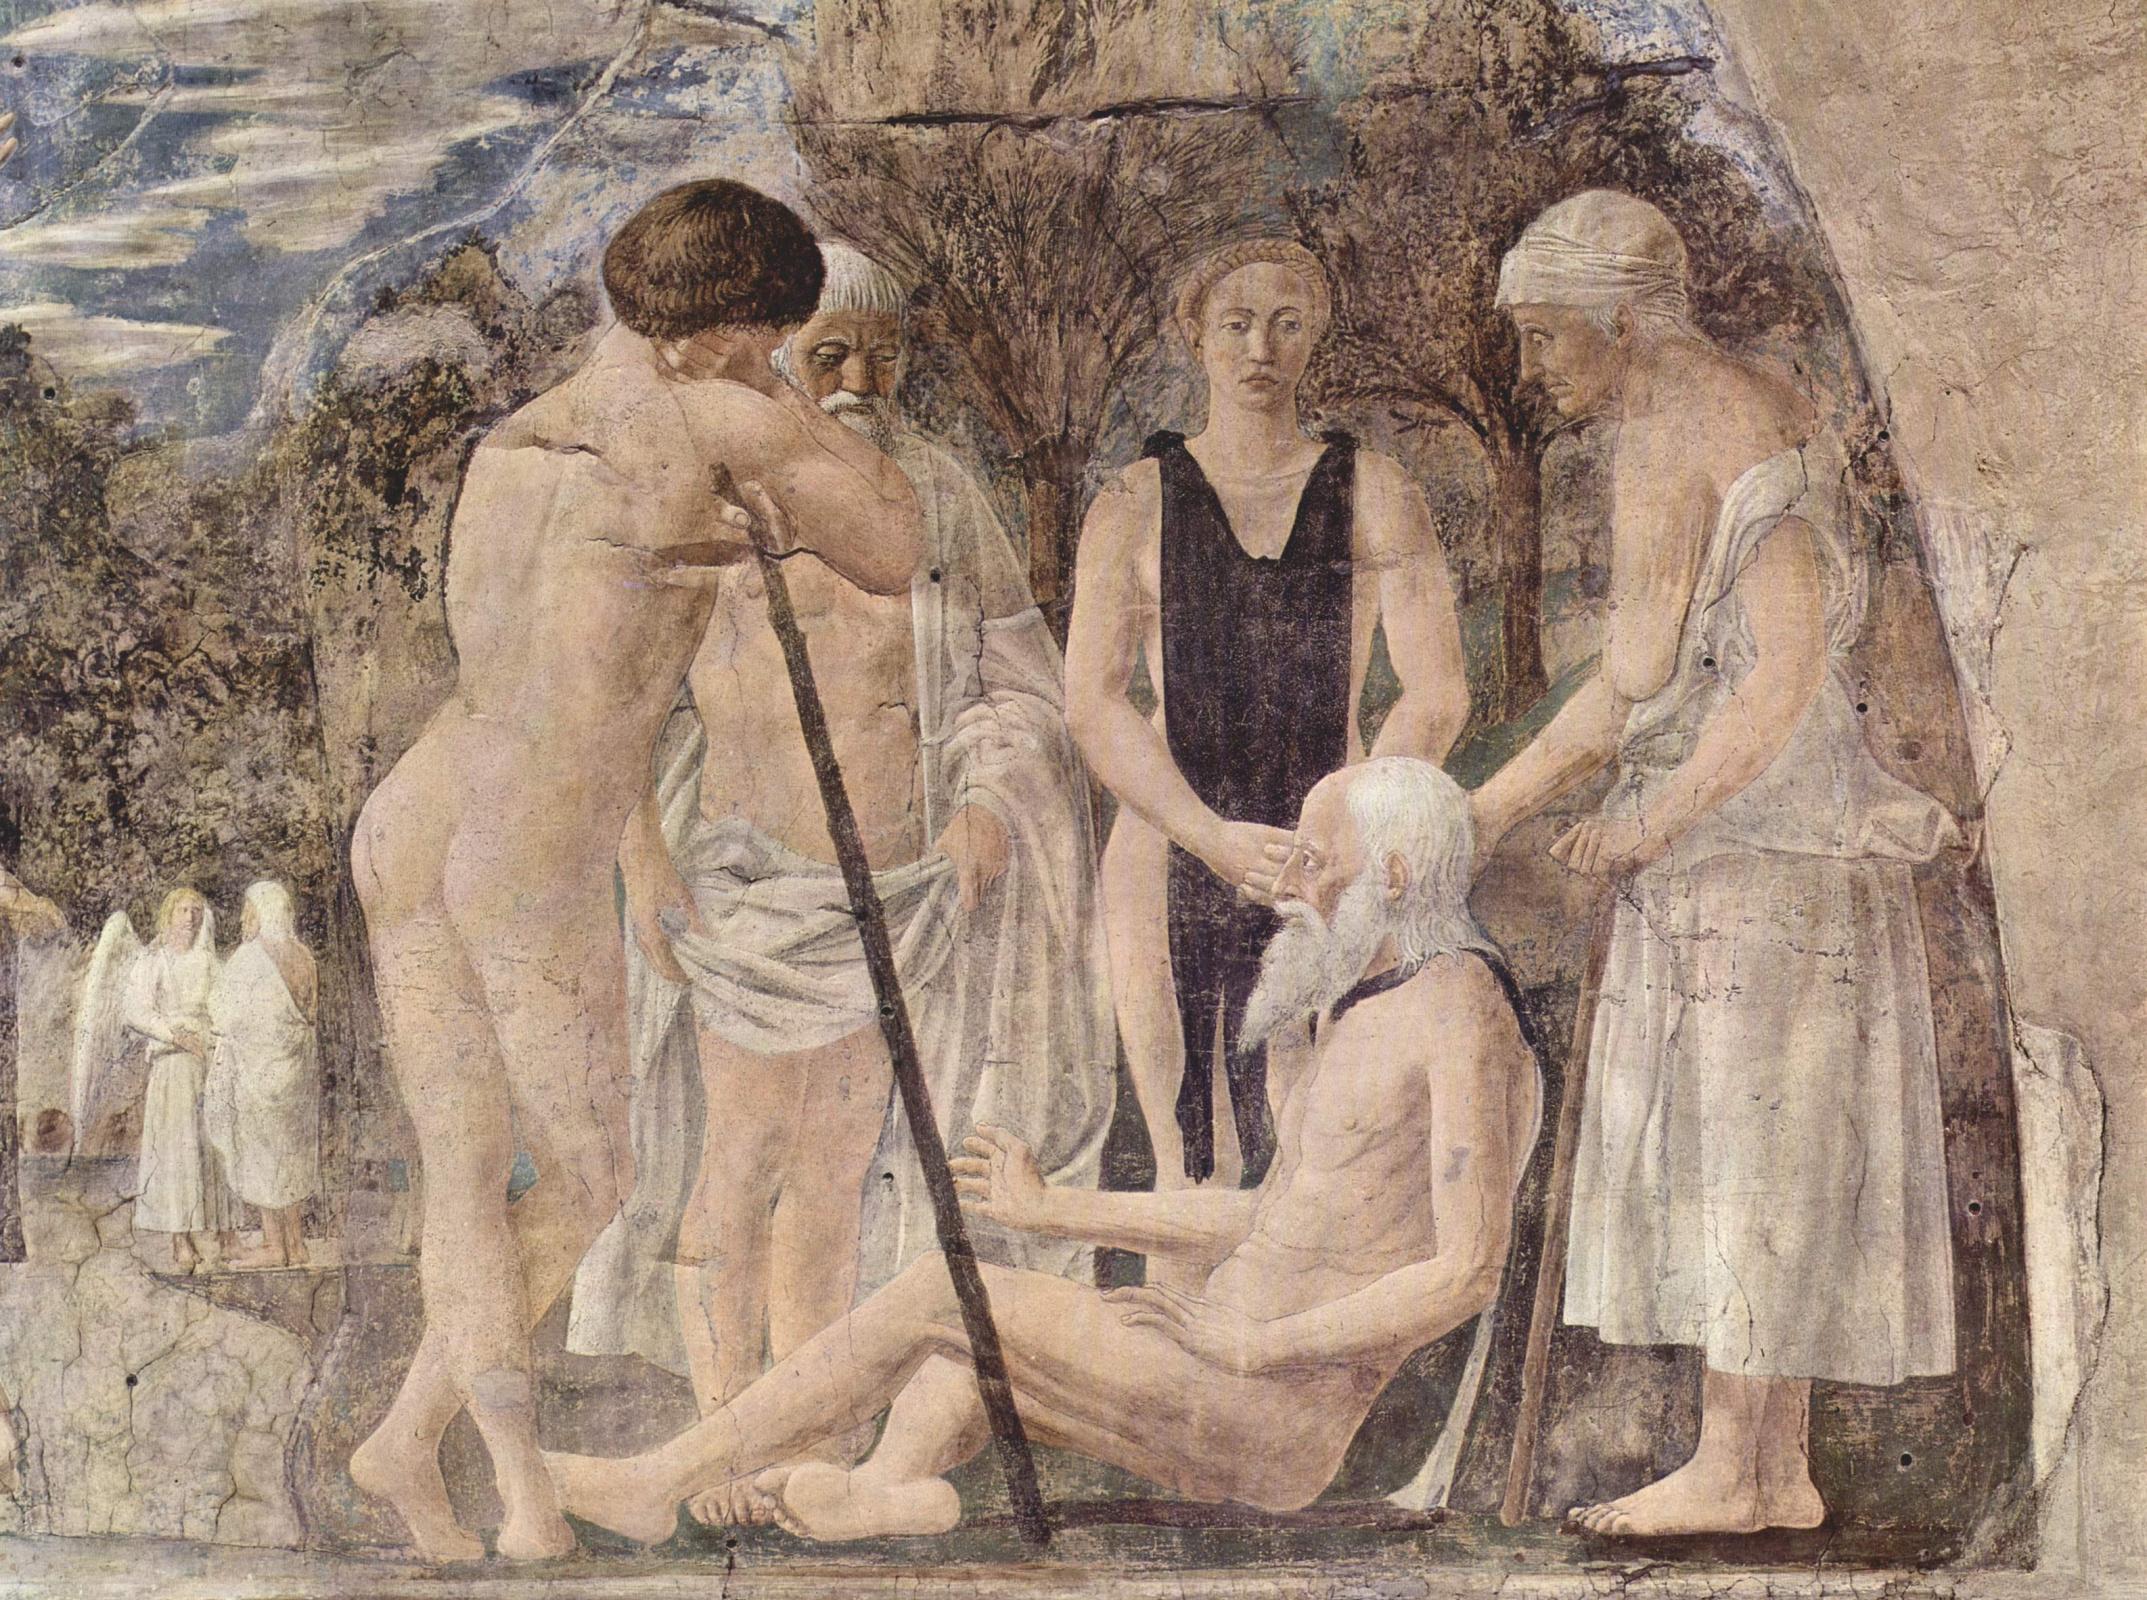 Пьеро делла Франческа. Смерть Адама. Фрагмент фрески в Базилике Святого Франциска в Ареццо